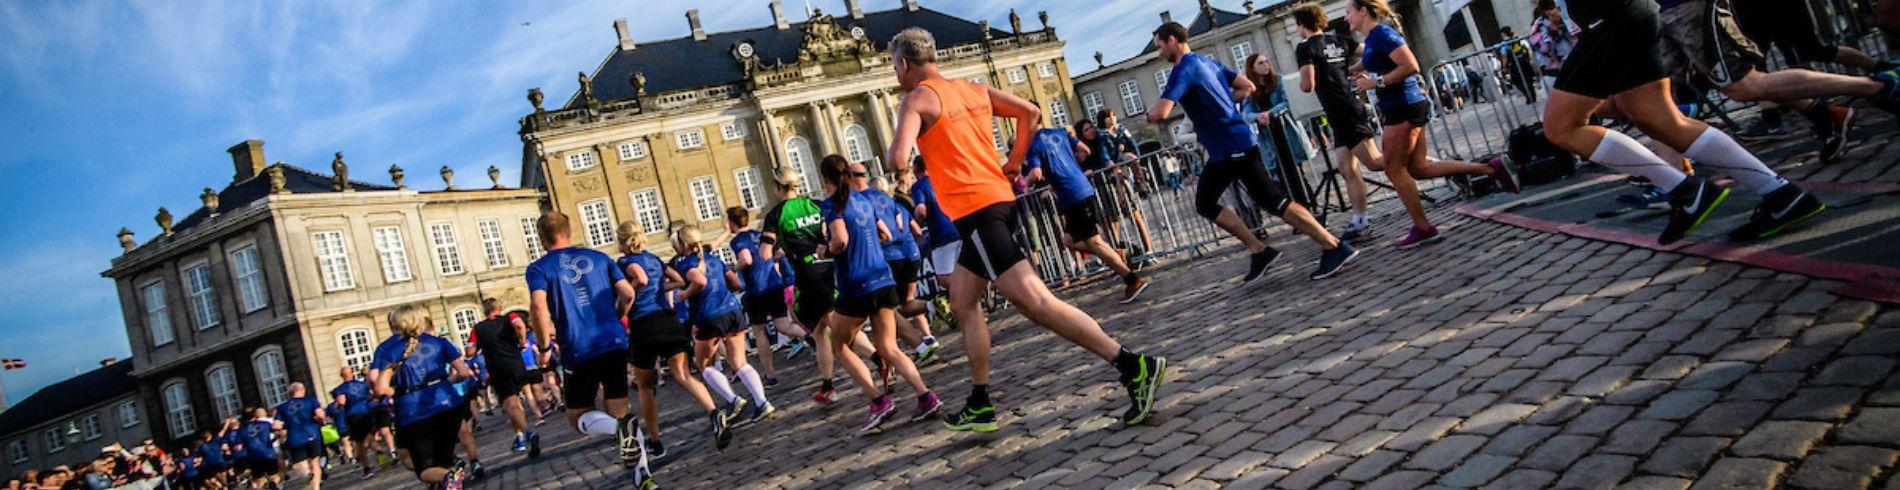 Dansk Atletik Forbund cover image